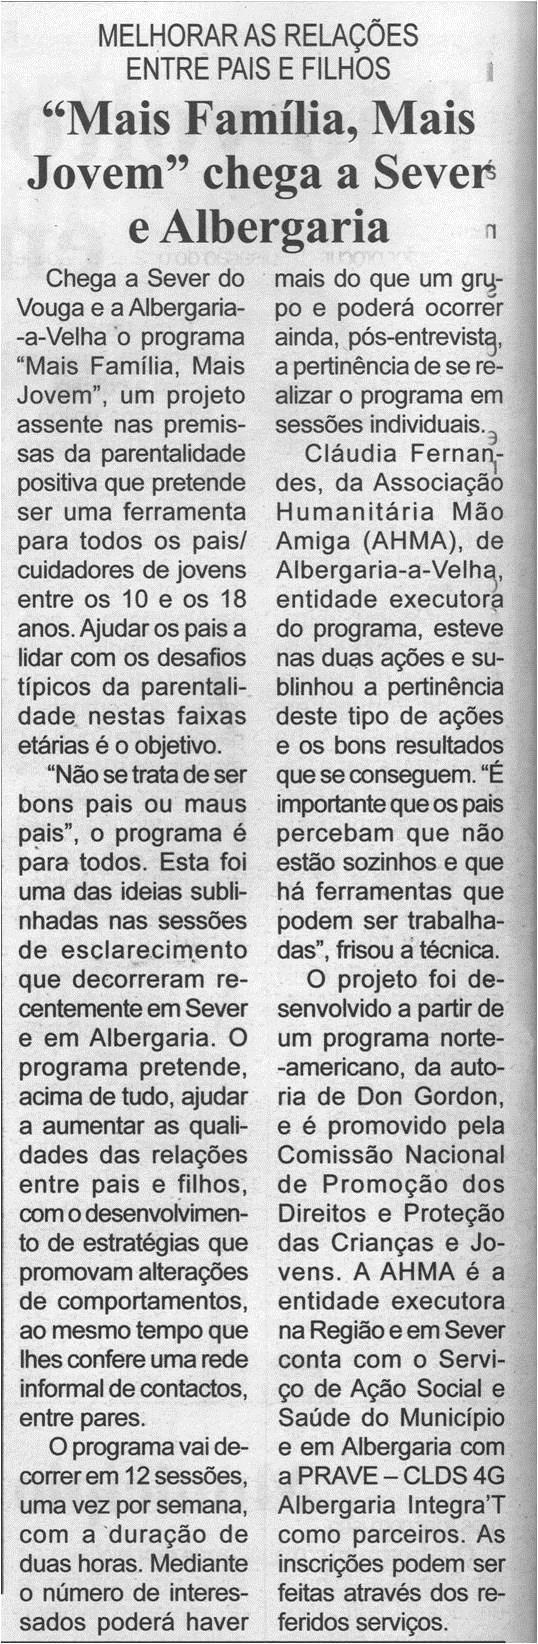 """BV-1.ªjul.'21-p.14-Melhorar as relações entre pais e filhos : """"Mais Família, Mais Jovem"""" chega a Sever e Albergaria.jpg"""